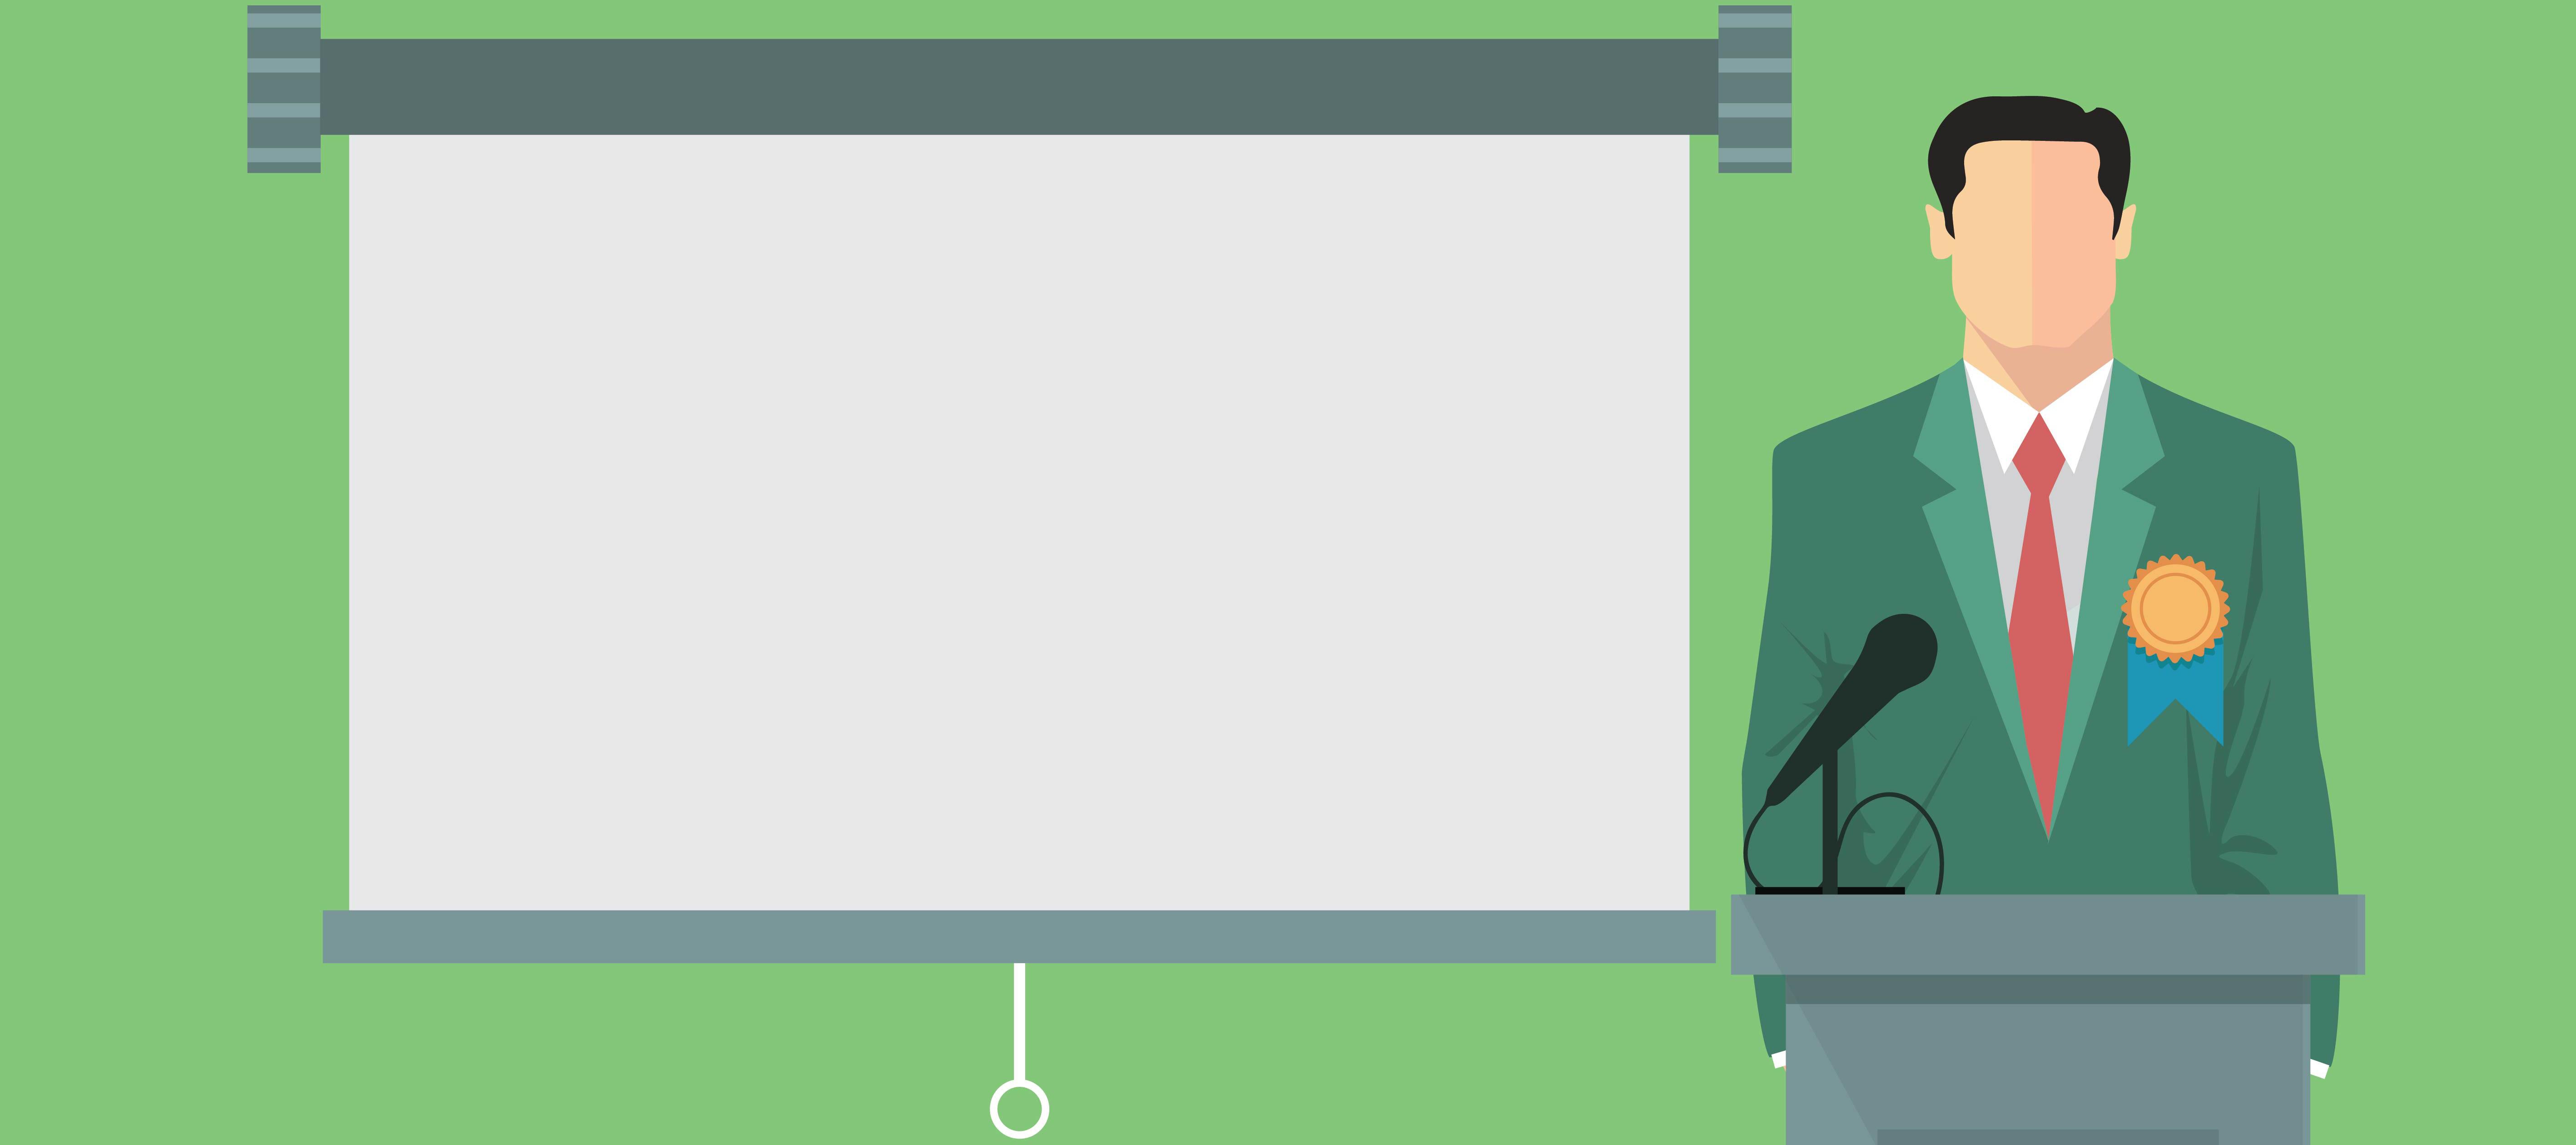 importância da oratória para o mundo digital